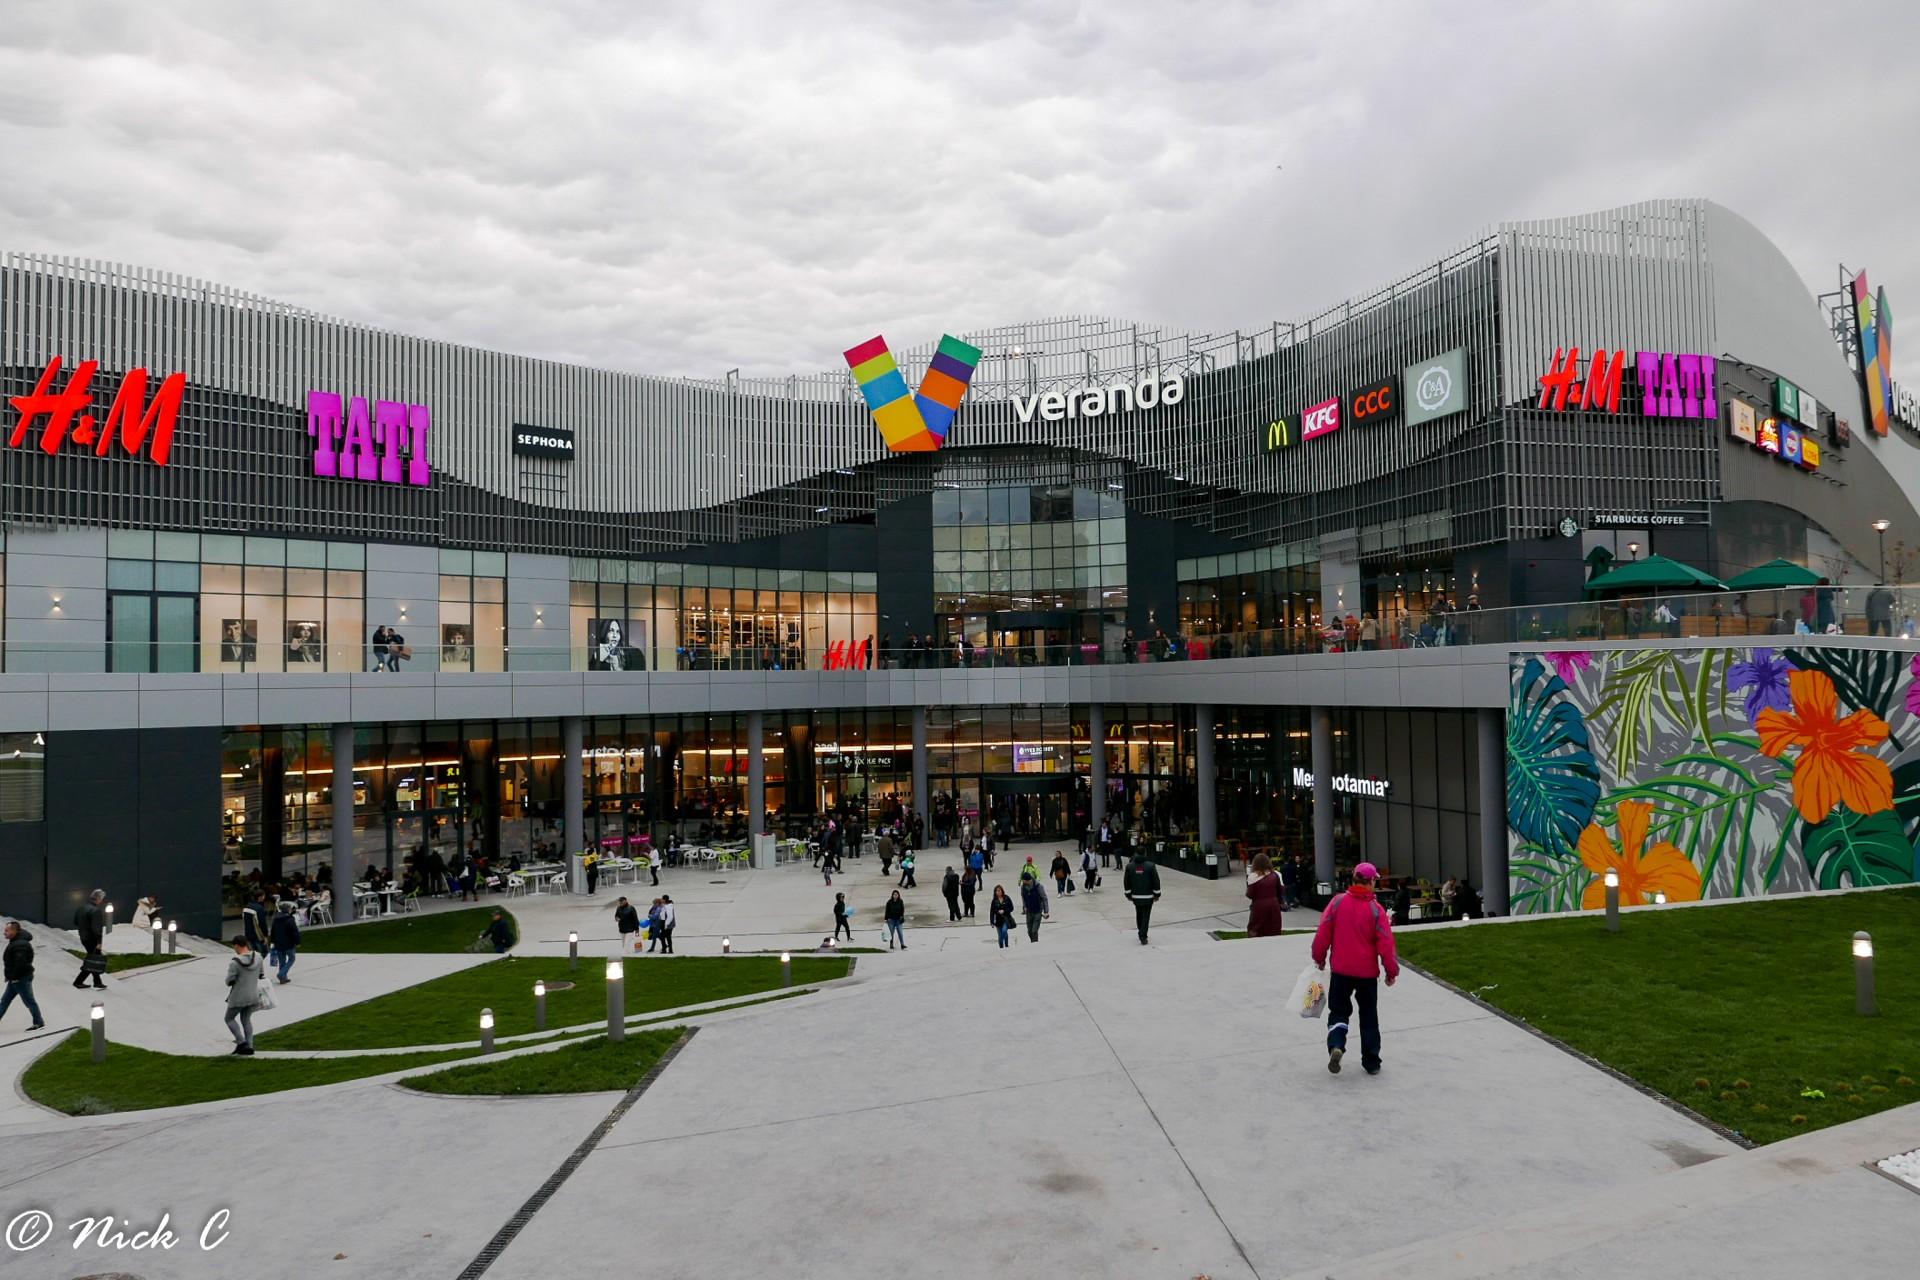 Alertă cu bombă la Verdanda Mall din București, apel disperat la 112